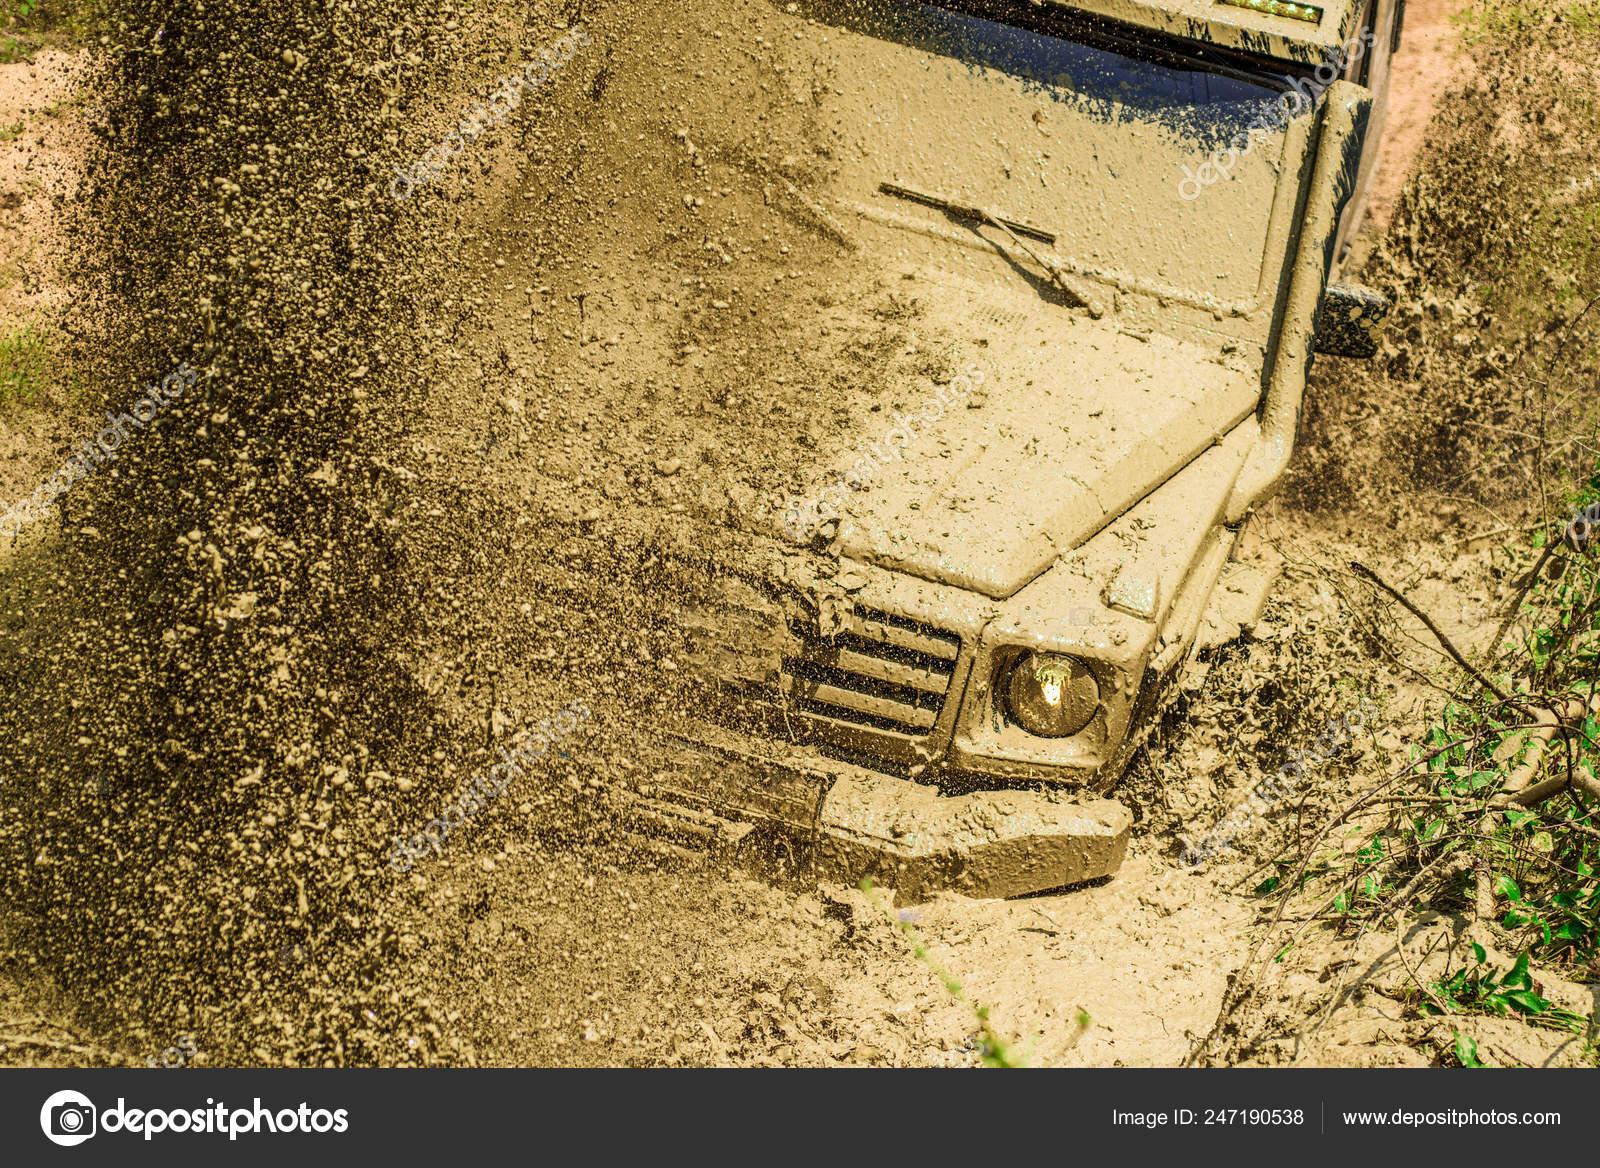 Best Off Road 4x4 >> Track Mud 4x4 Road Suv Car Offroad Car Safari Mud Stock